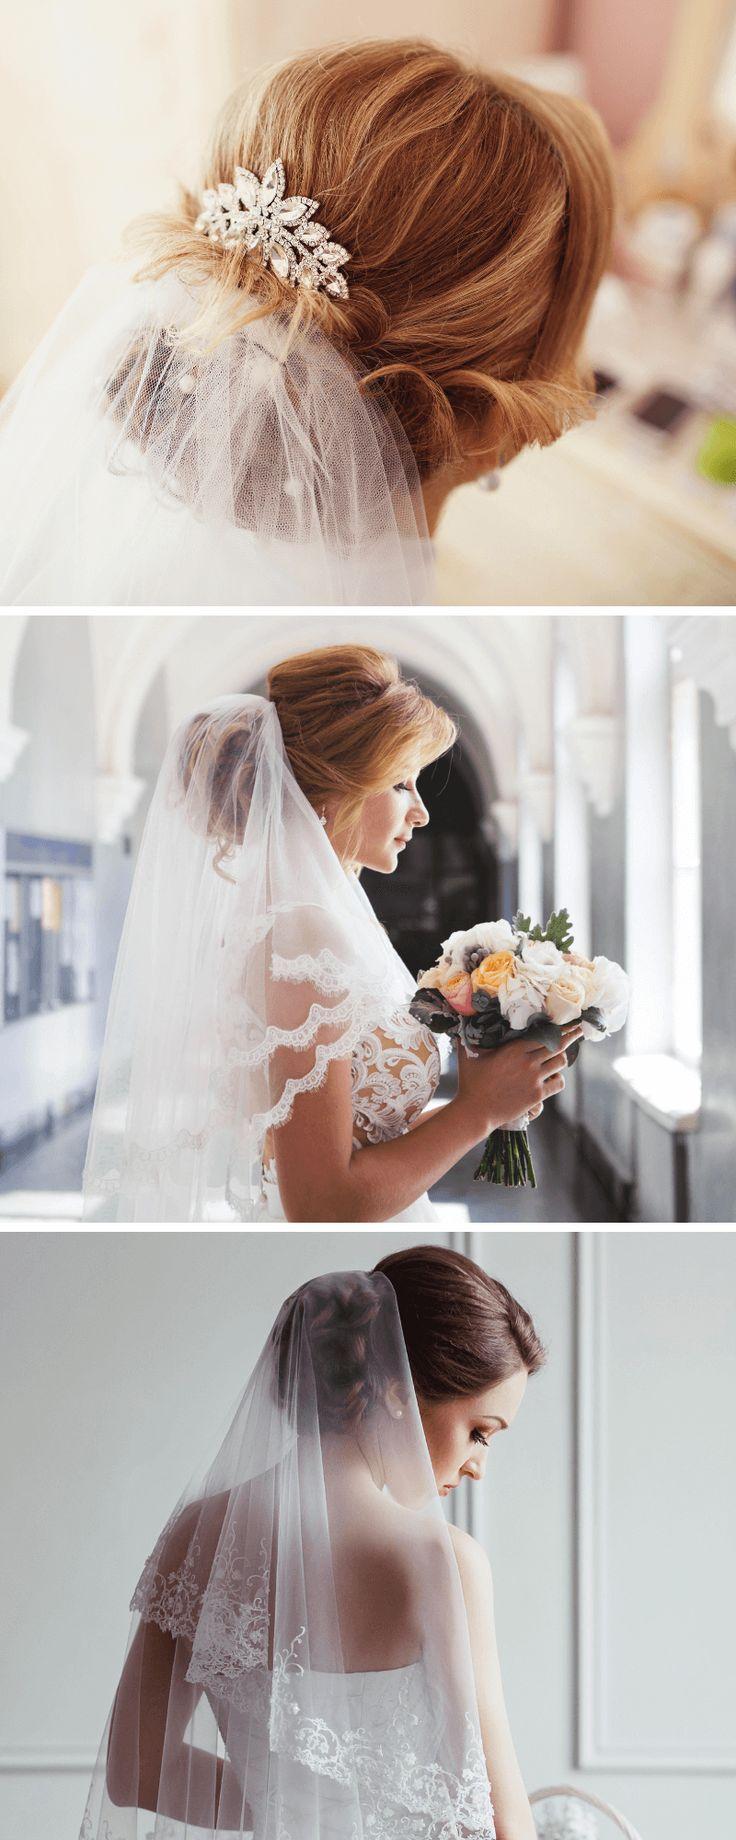 Brautfrisur mit Schleier: 30 Inspirationen   Hochzeit